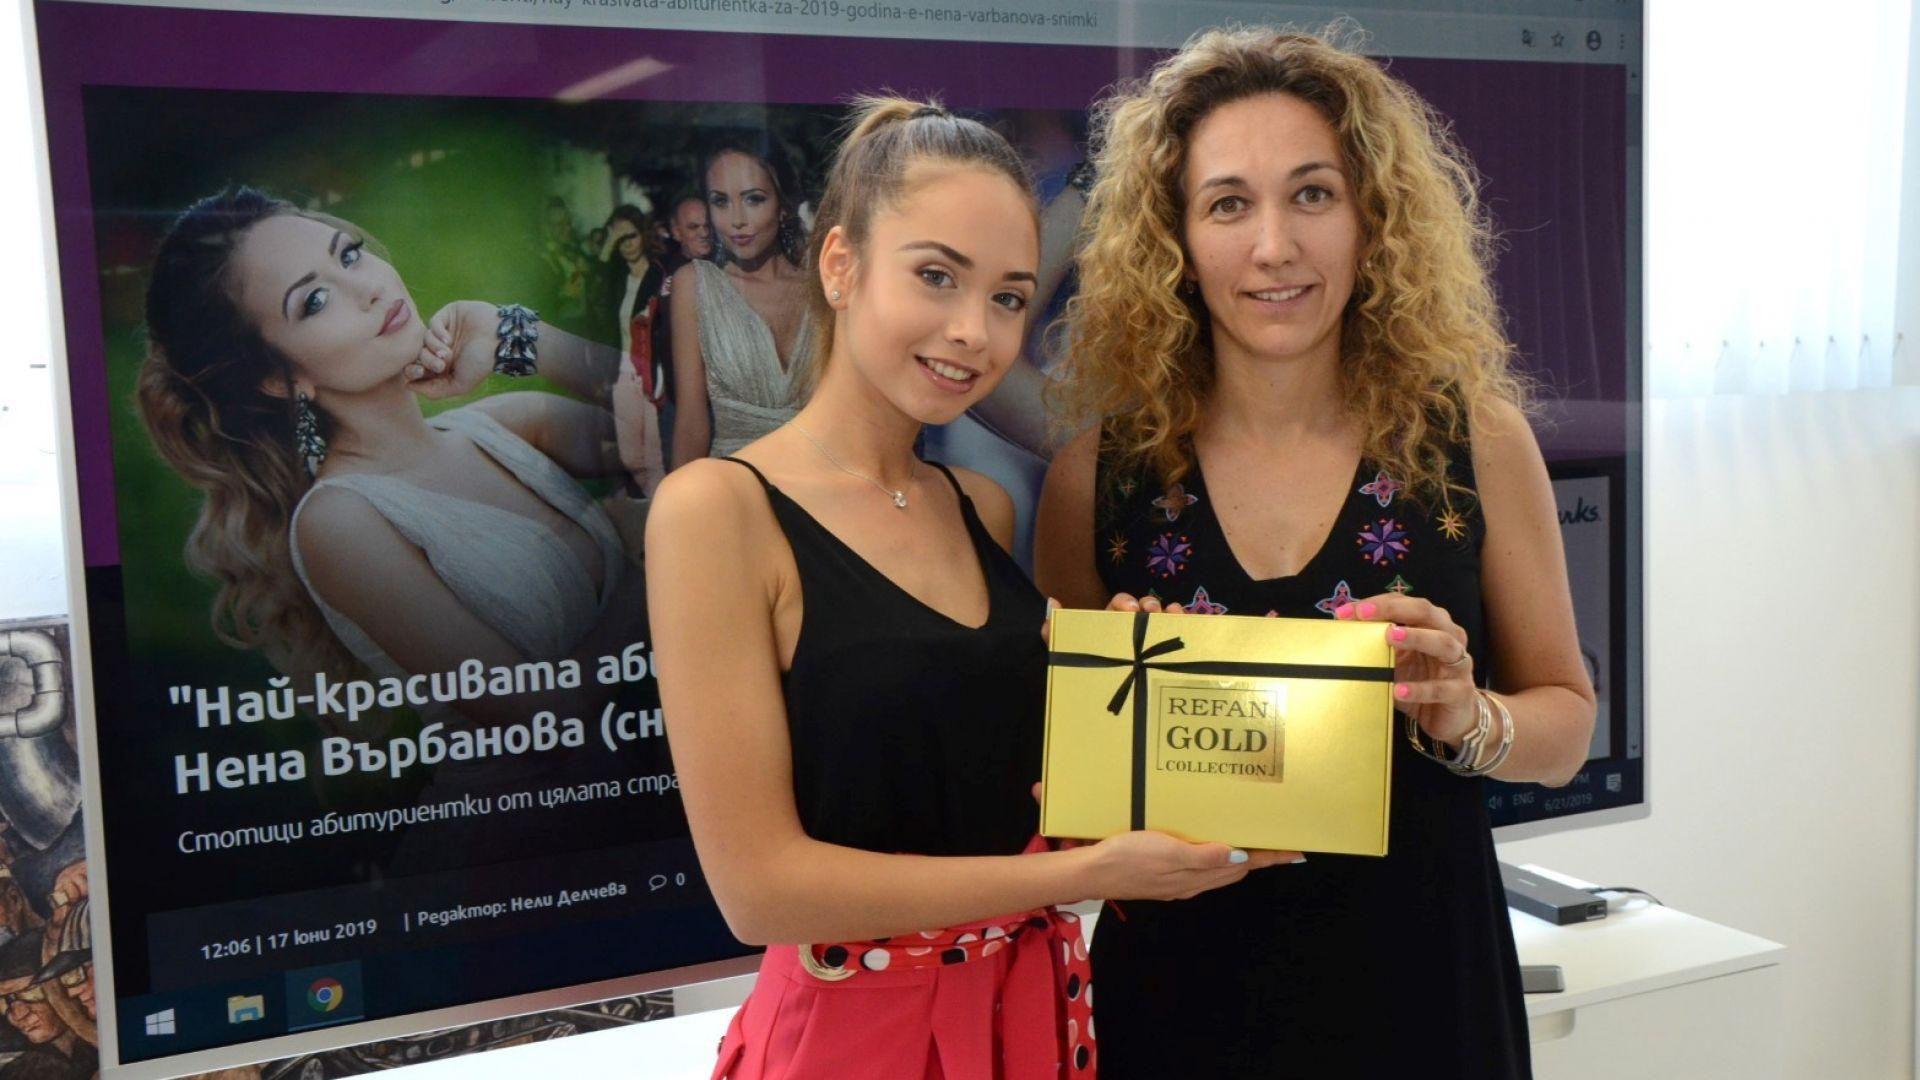 Комплектът Refan Gold Collection бе връчен от търговския директор на Dir.bg Събина Ангелова